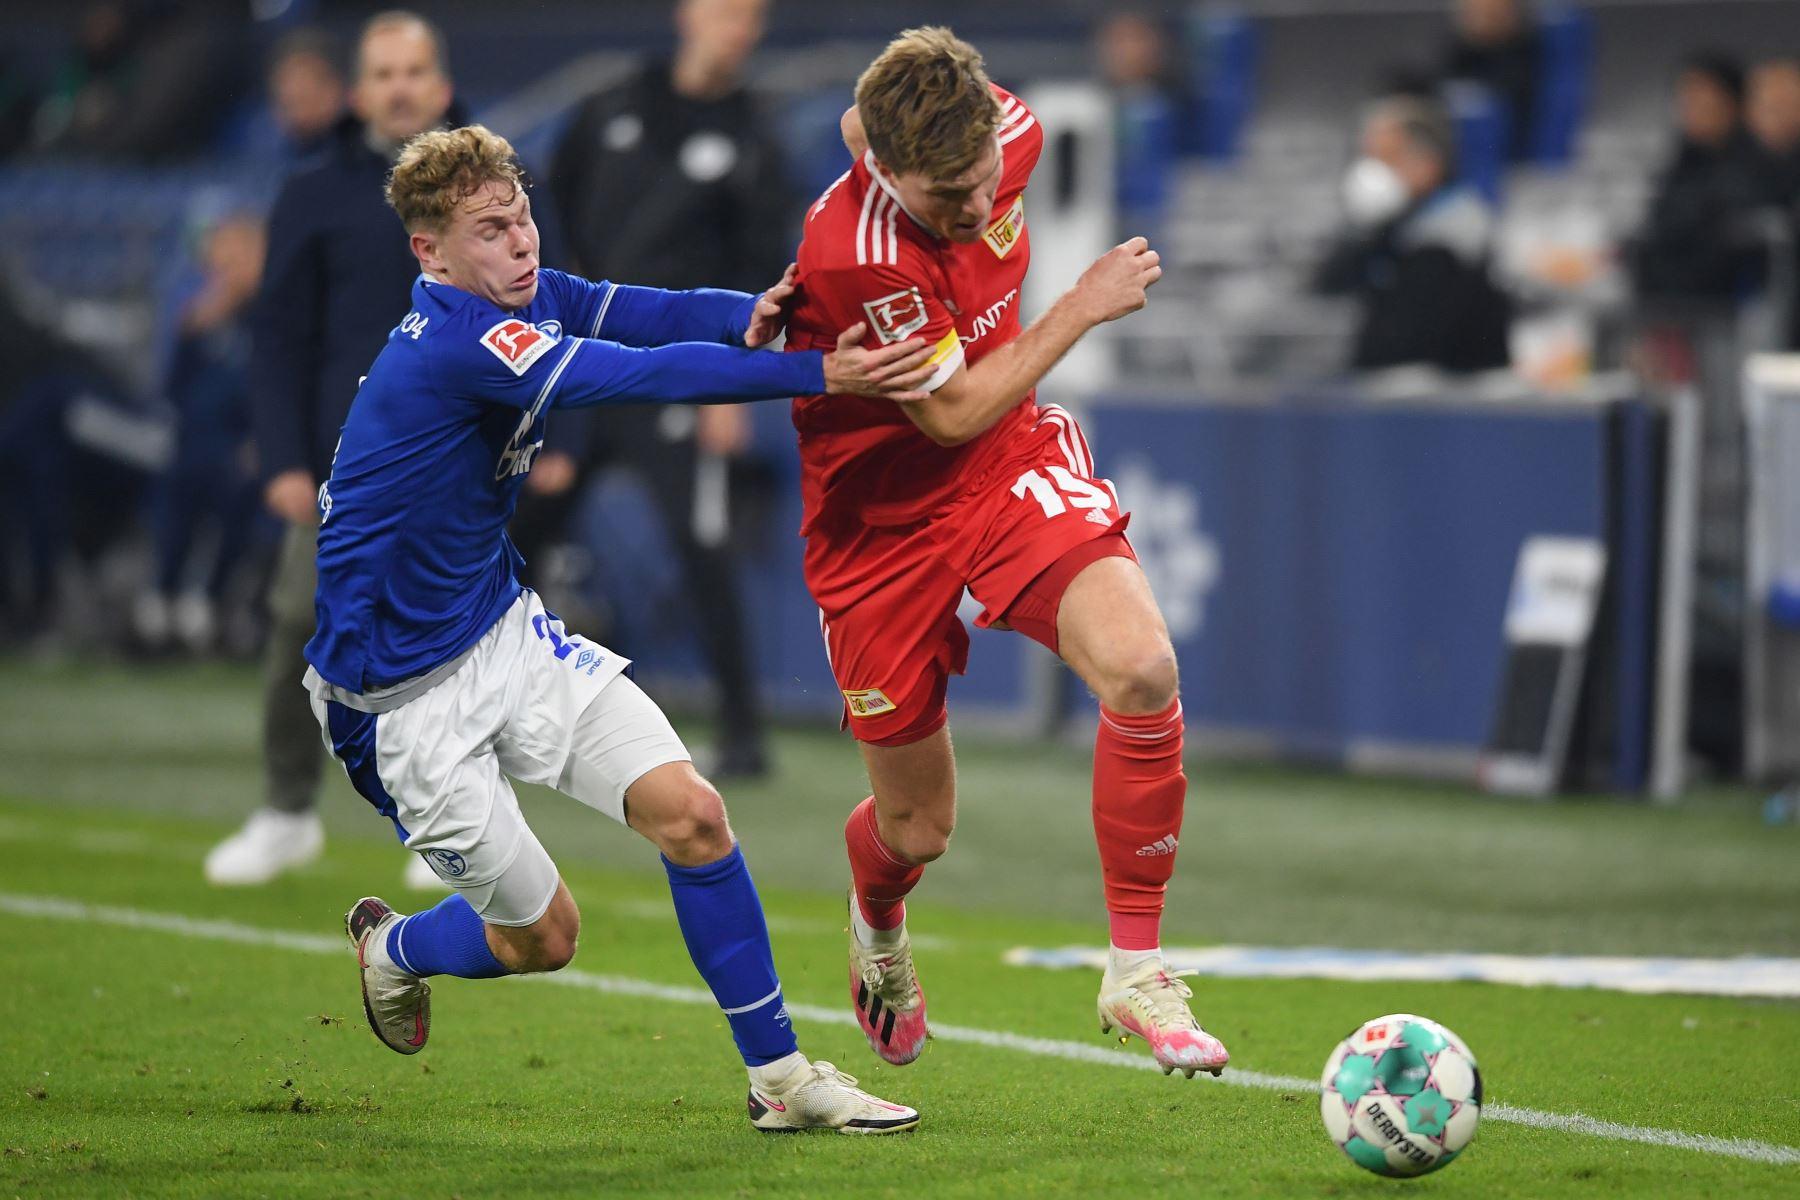 Kilian Ludewig del FC Schalke 04 lucha por el balón contra Marius Bulter del FC Union Berlin durante el partido de la Bundesliga en Veltins-Arena en Gelsenkirchen, Alemania. Foto: EFE